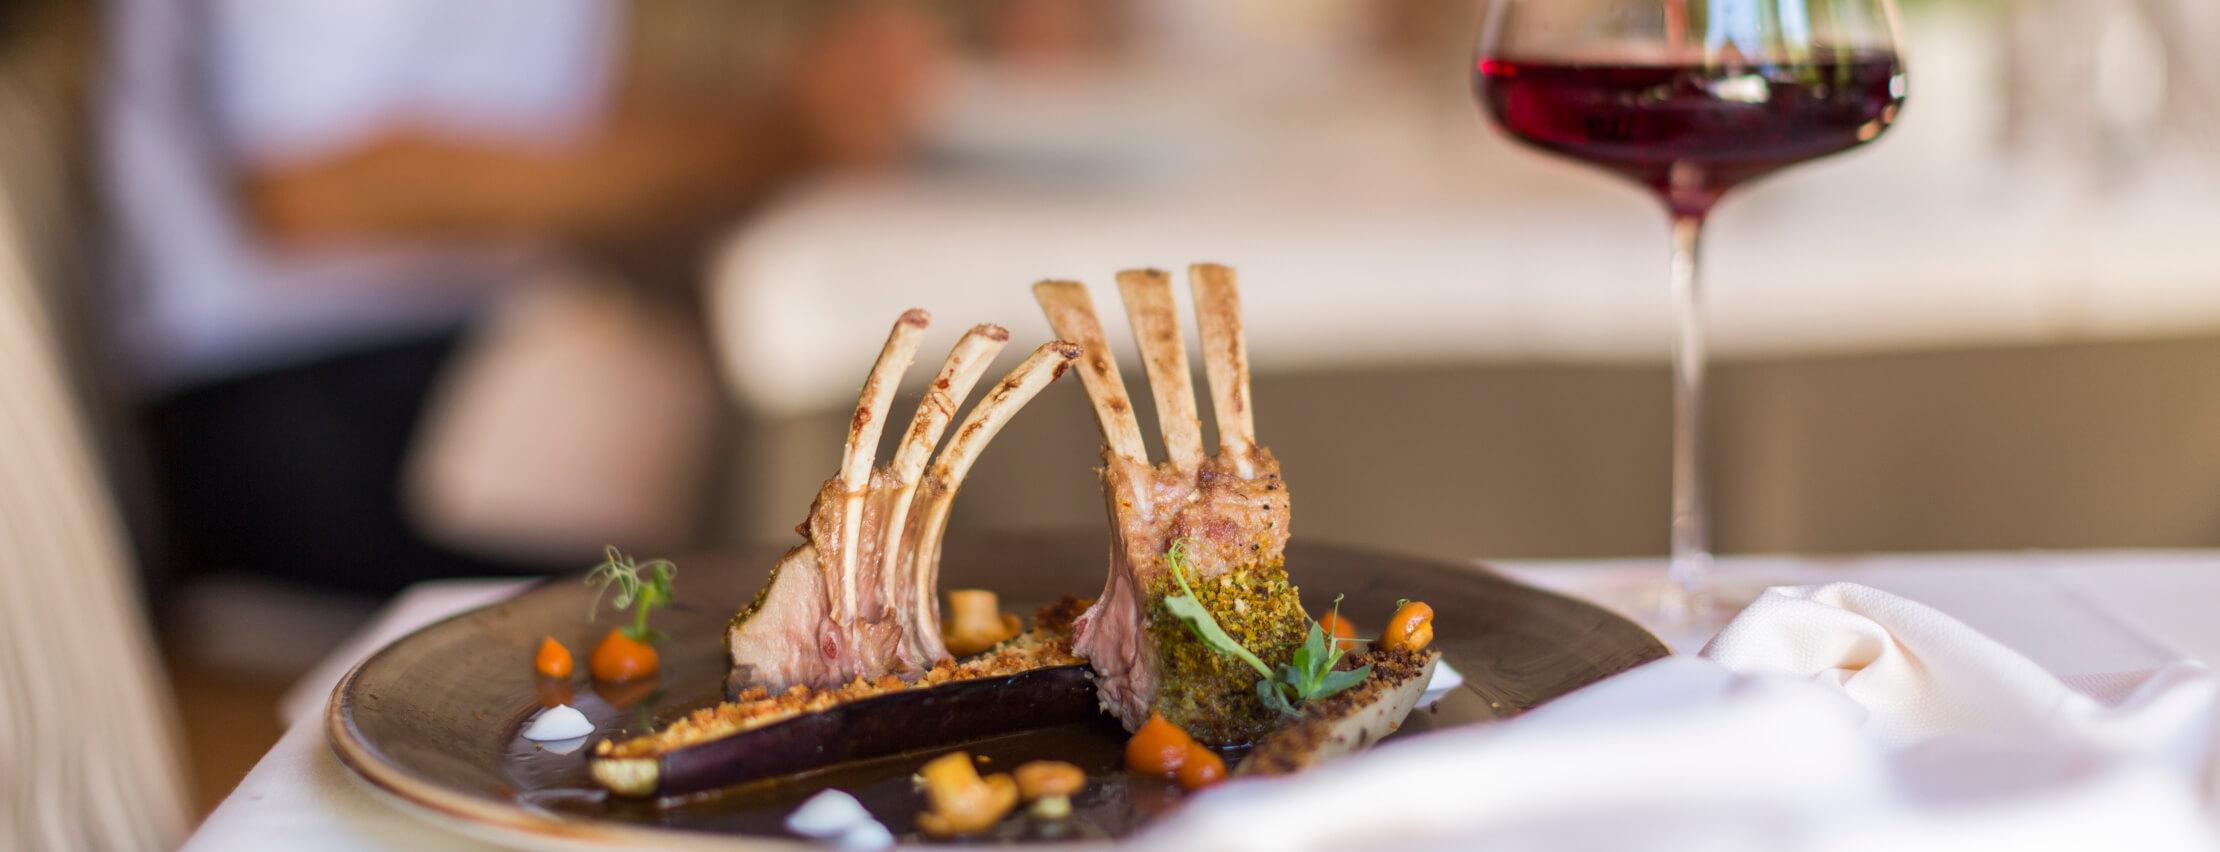 Italien-Trentino_Suedtirol_Alto_Adige_Merano_Meran_Kulinarik_Restaurant_Dinner_Fleisch_IDM_MarionLafogler_mgm01327mala_2220x852